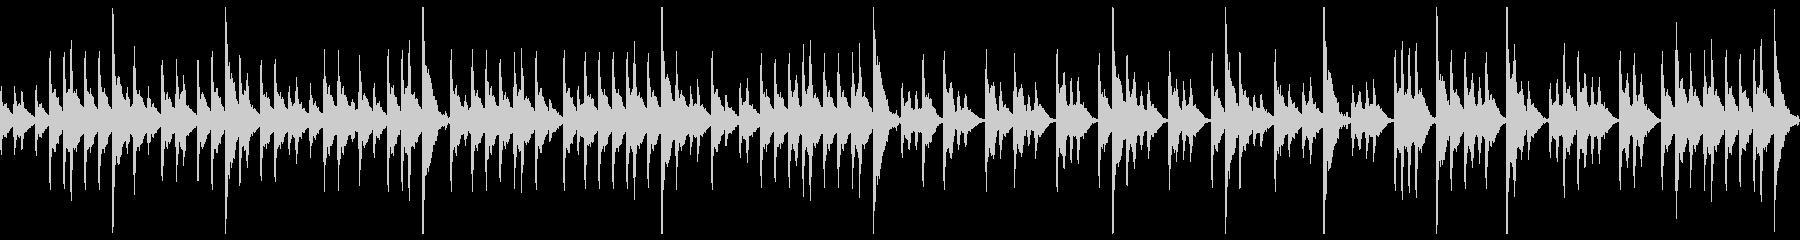 締太鼓ソロ アップ2の未再生の波形